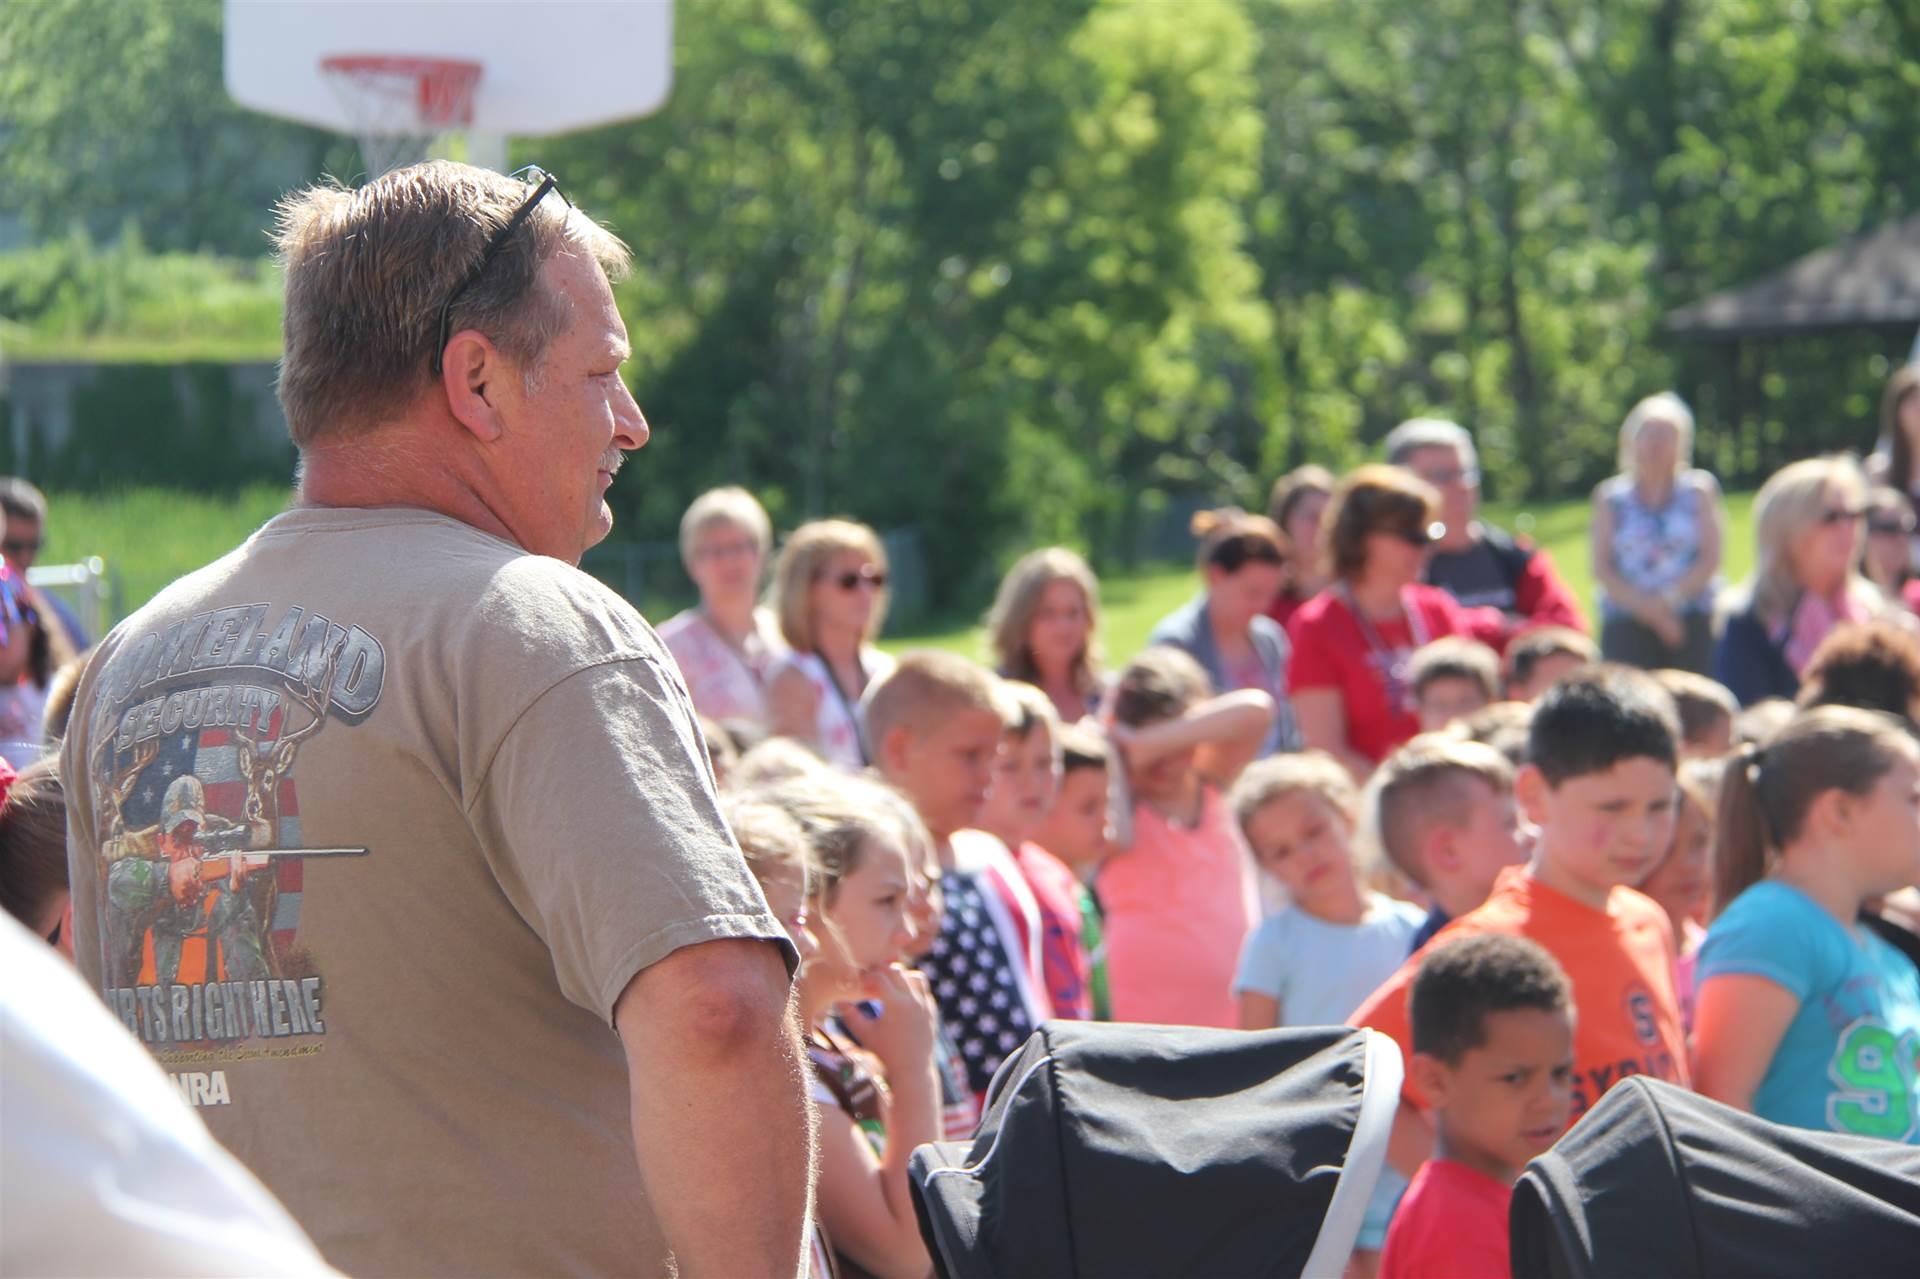 veteran overlooks Port Dickinson annual Flag Day